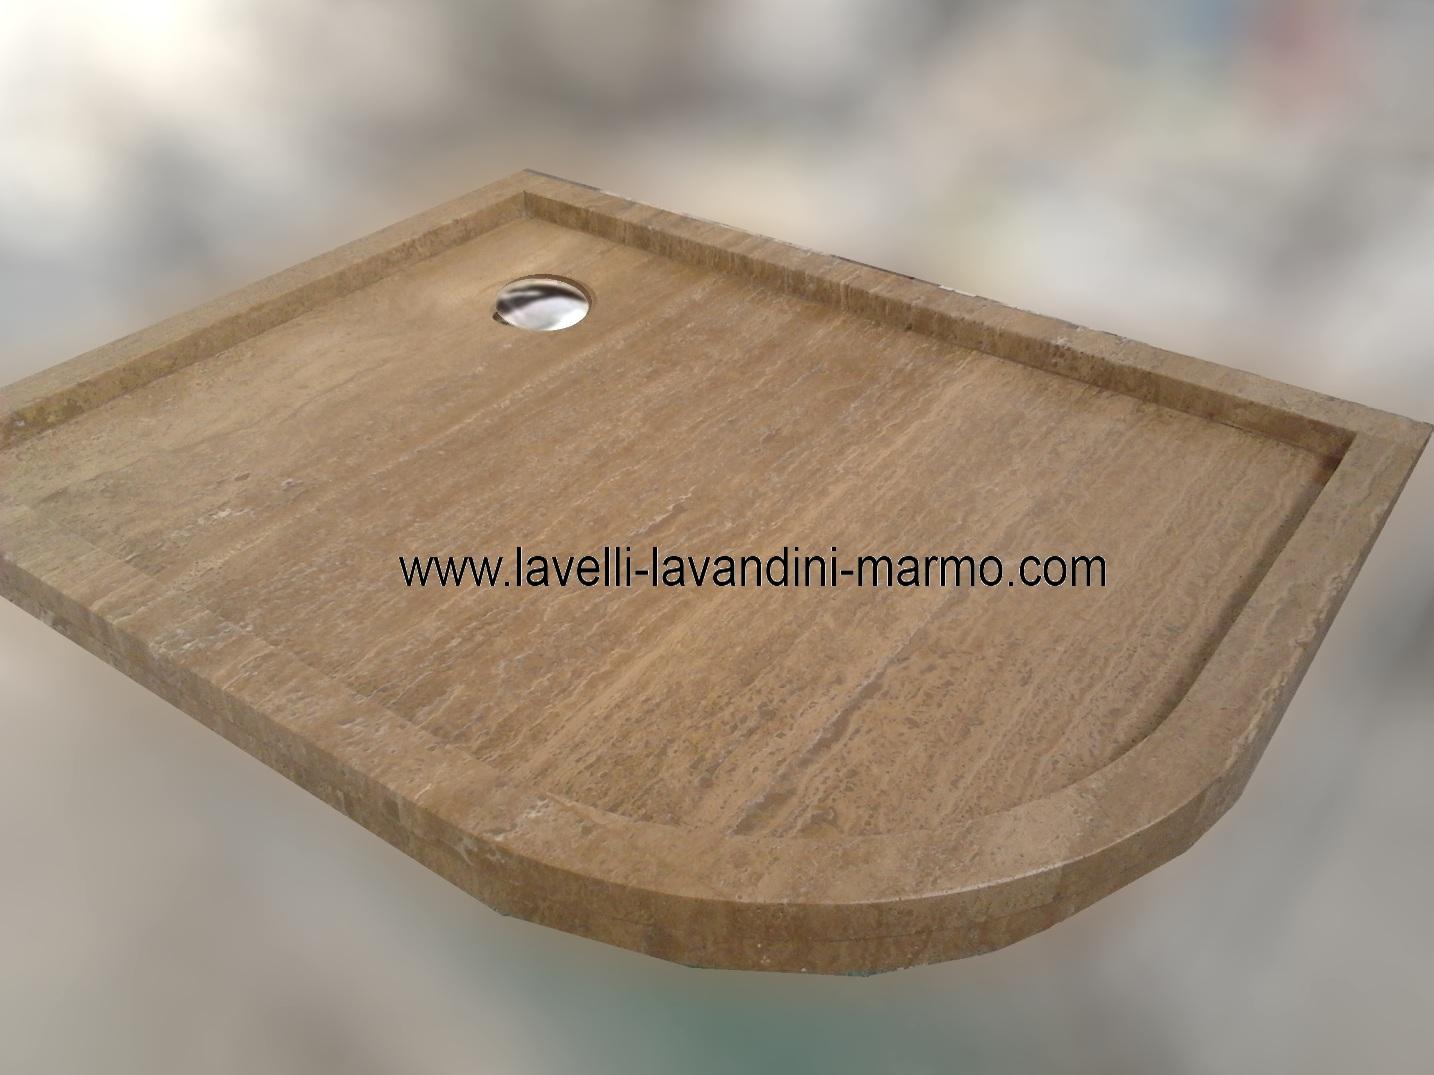 piatti doccia in marmo Prezzi lavelli lavandini marmi marini ...